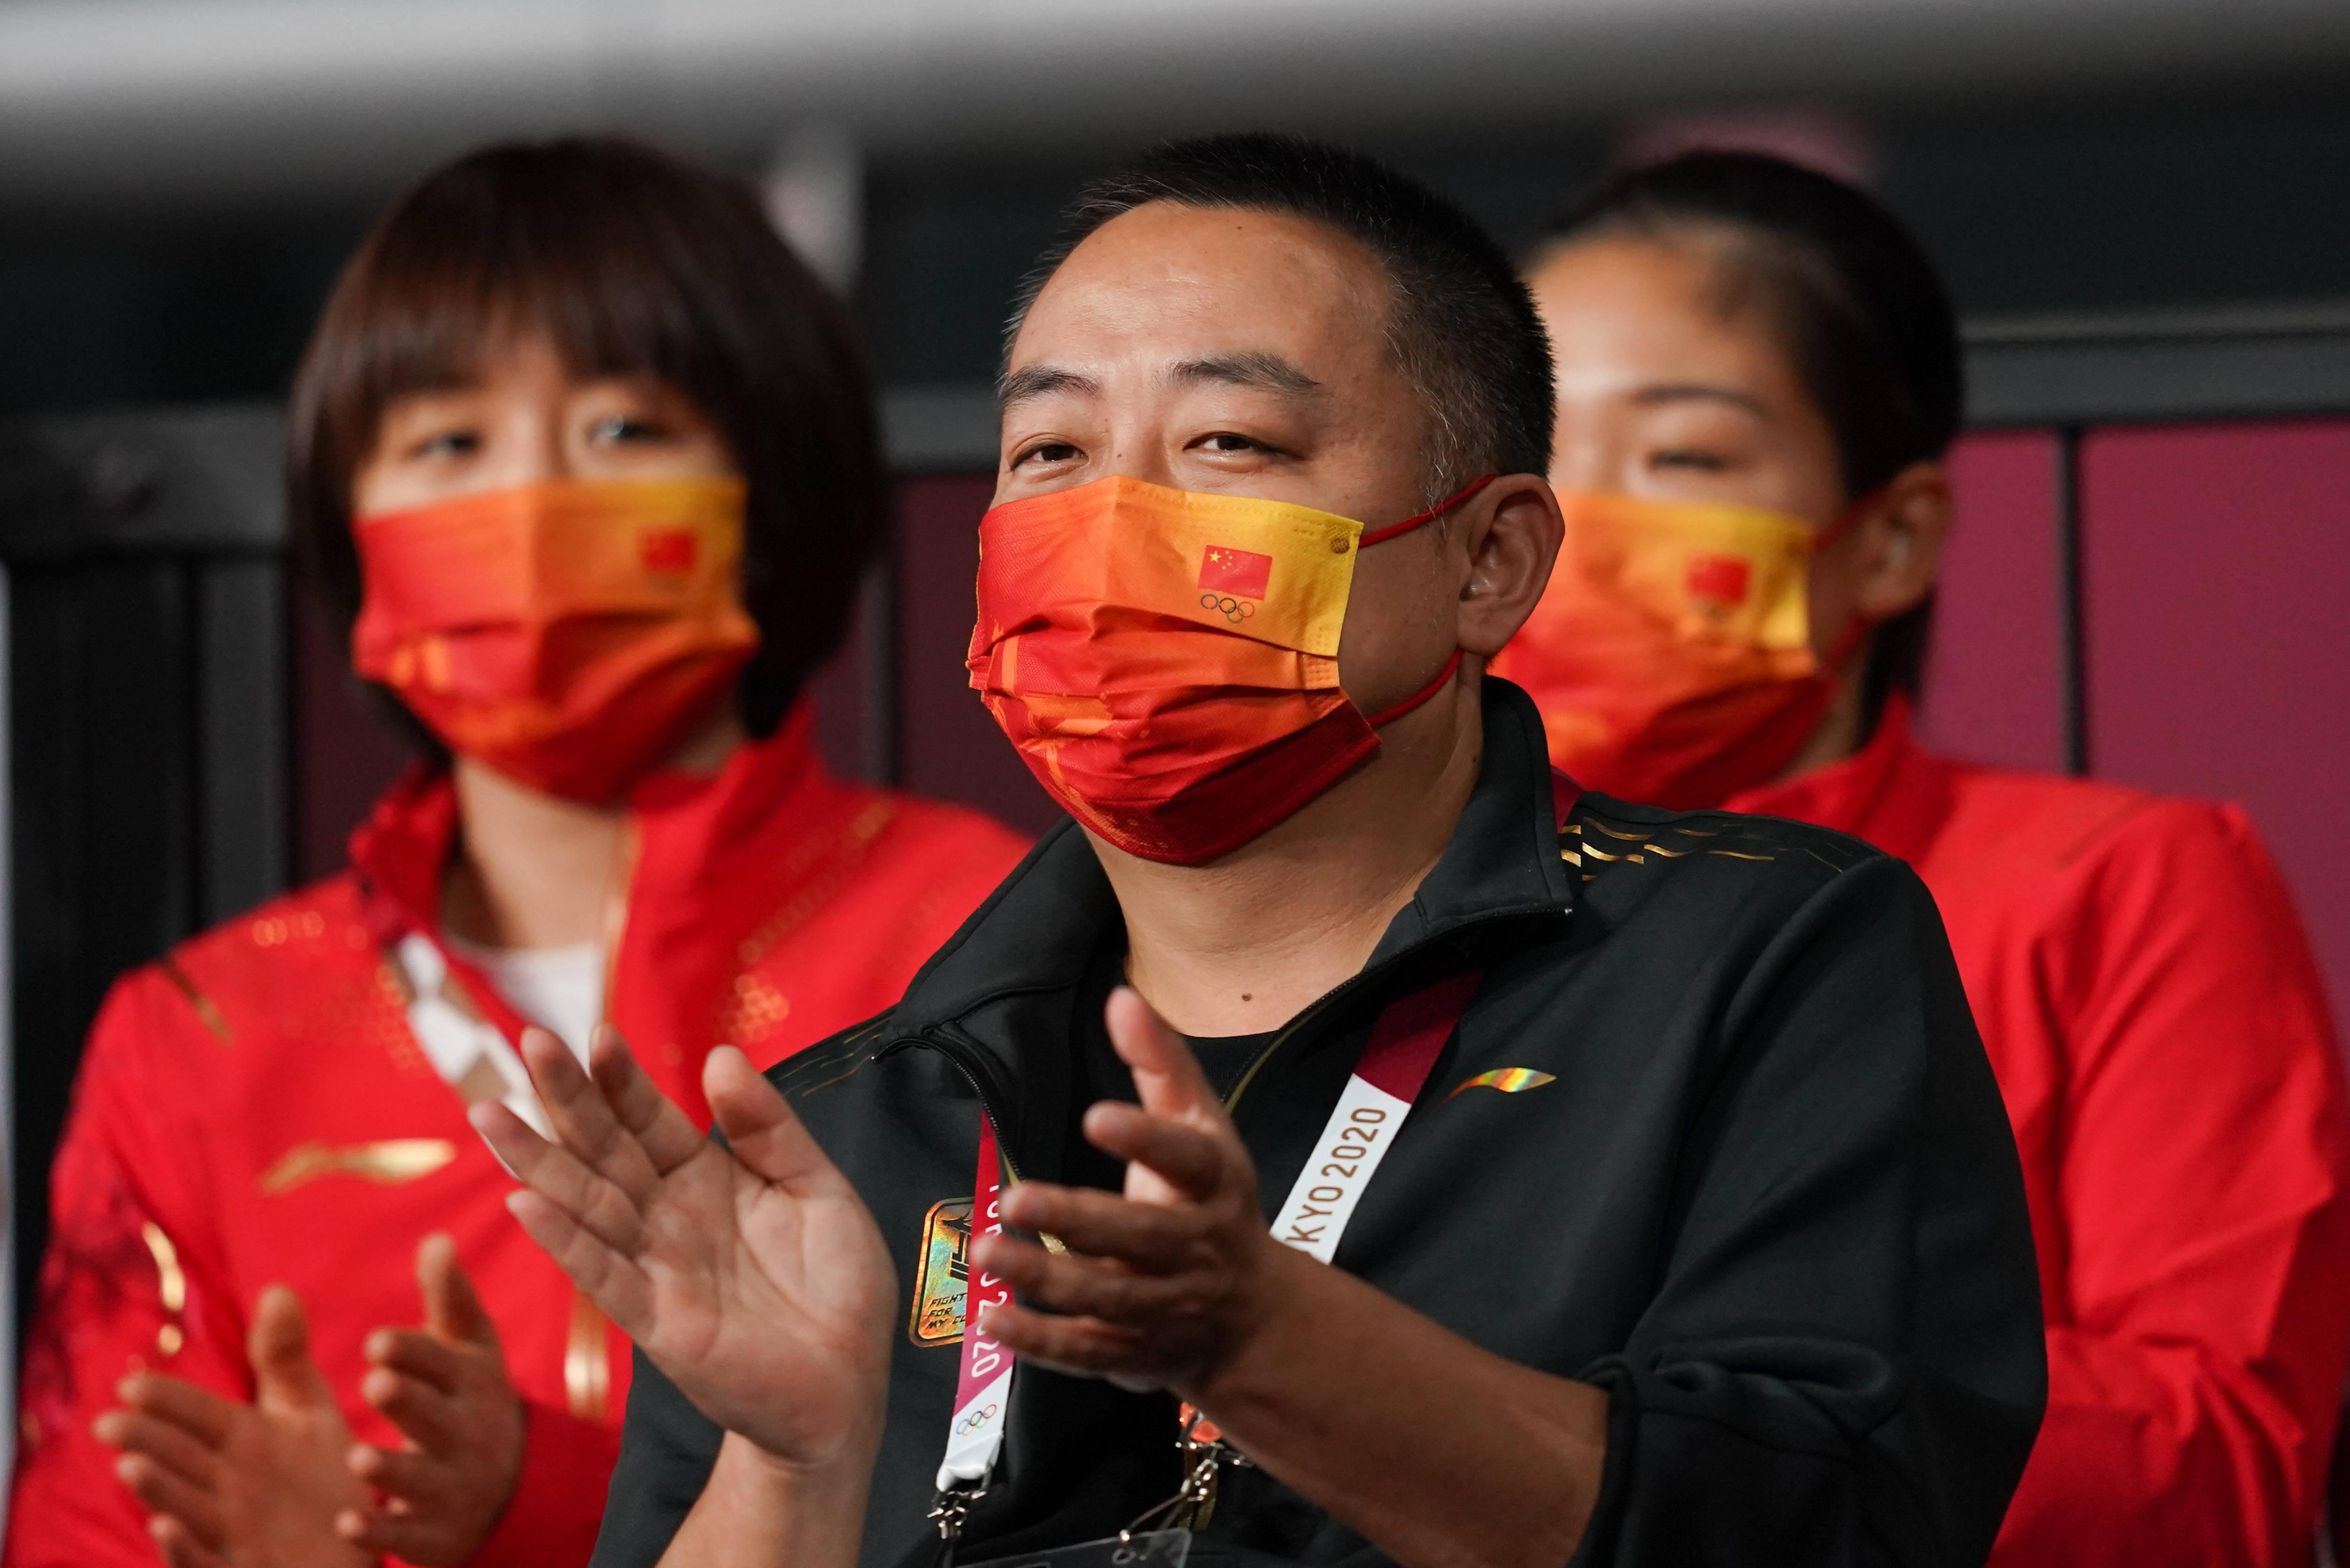 刘国梁:混双金牌是对东道主最好的回报 伊藤非常优秀